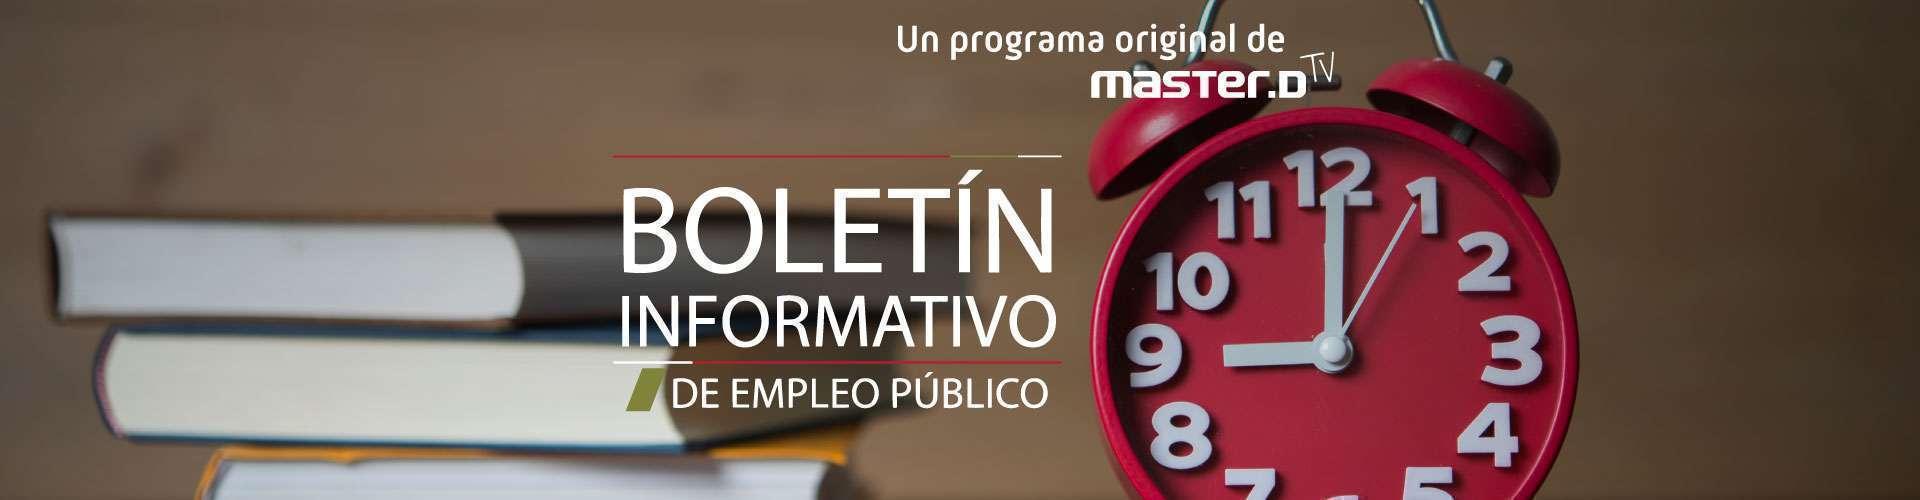 Boletín Informativo de Empleo Público